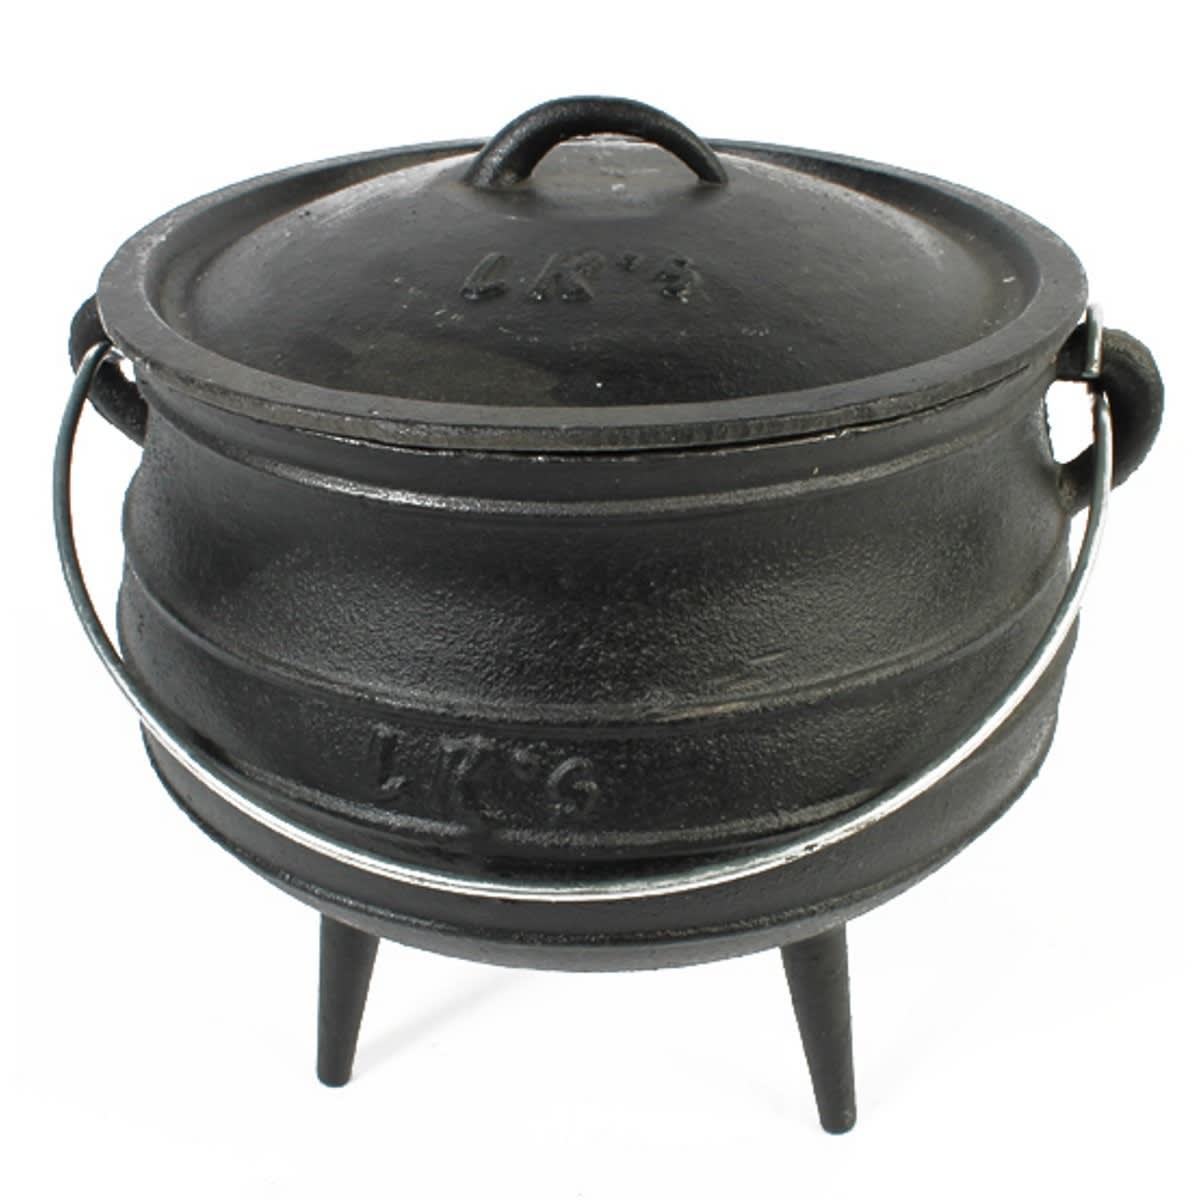 LK's Cast Iron 3 Leg Pot - 1/8